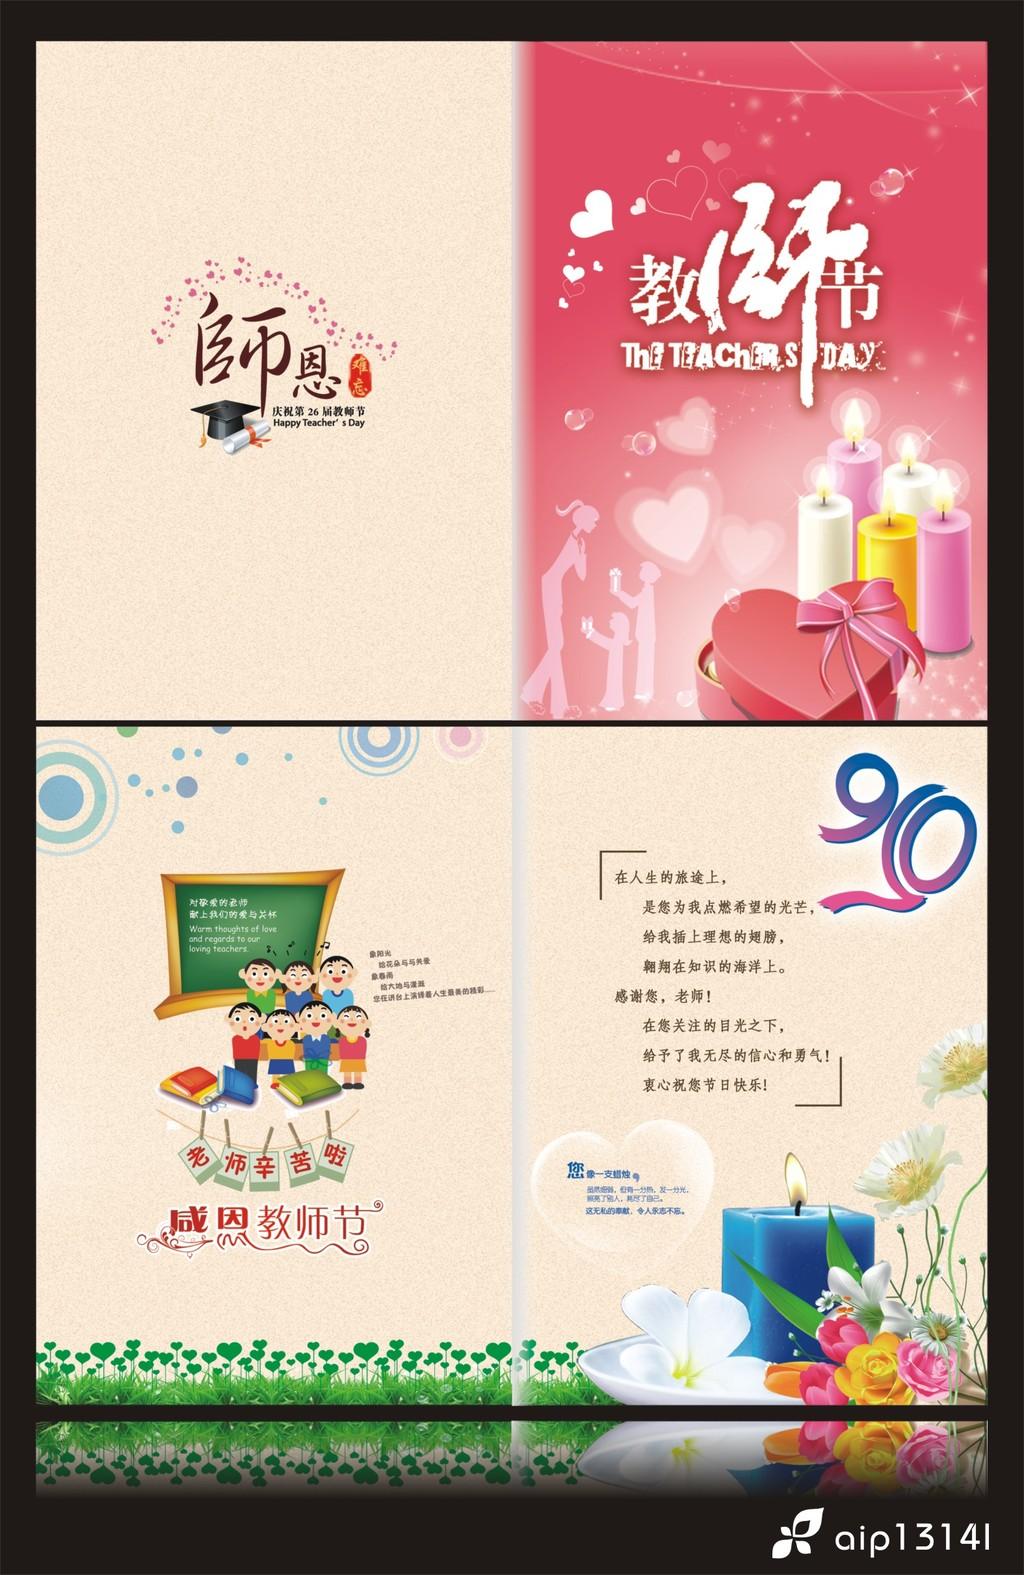 教师节贺卡psd素材下载模板下载(图片编号:12503863)